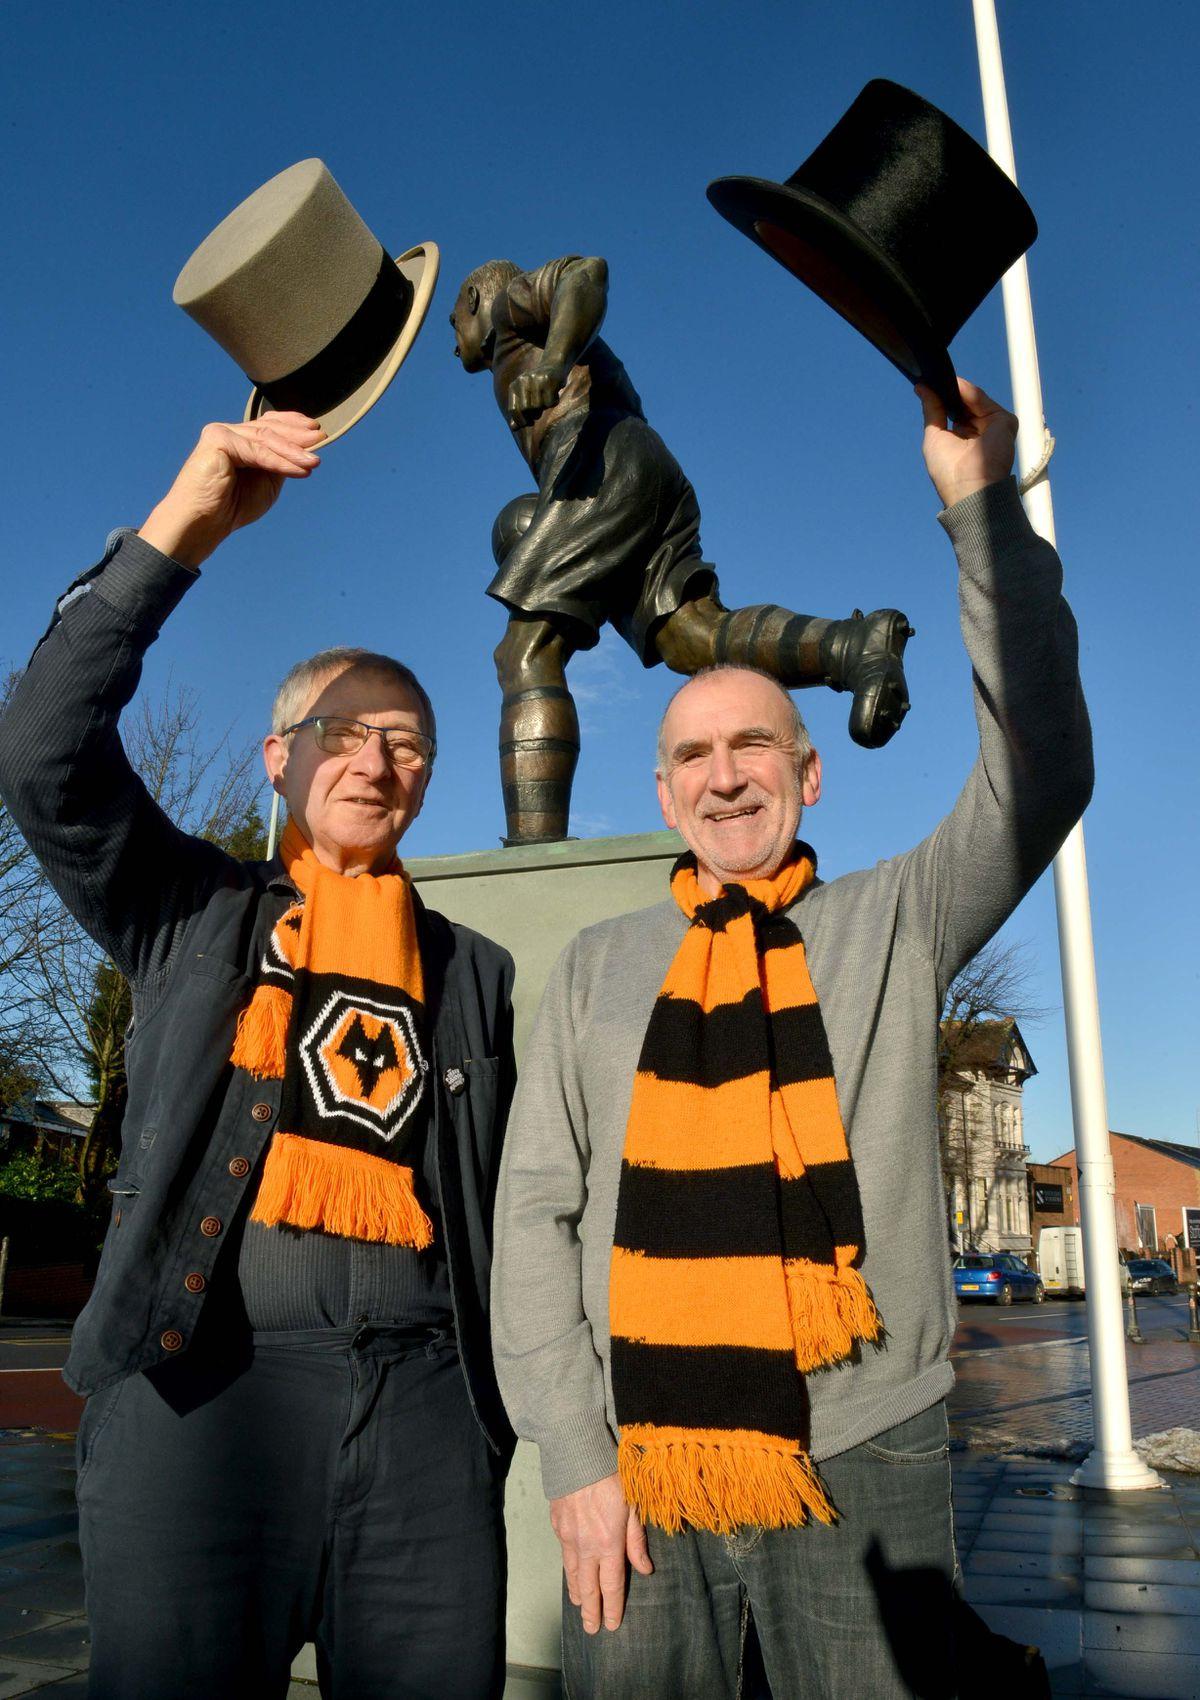 Steve Gordos (left) and Clive Corbett